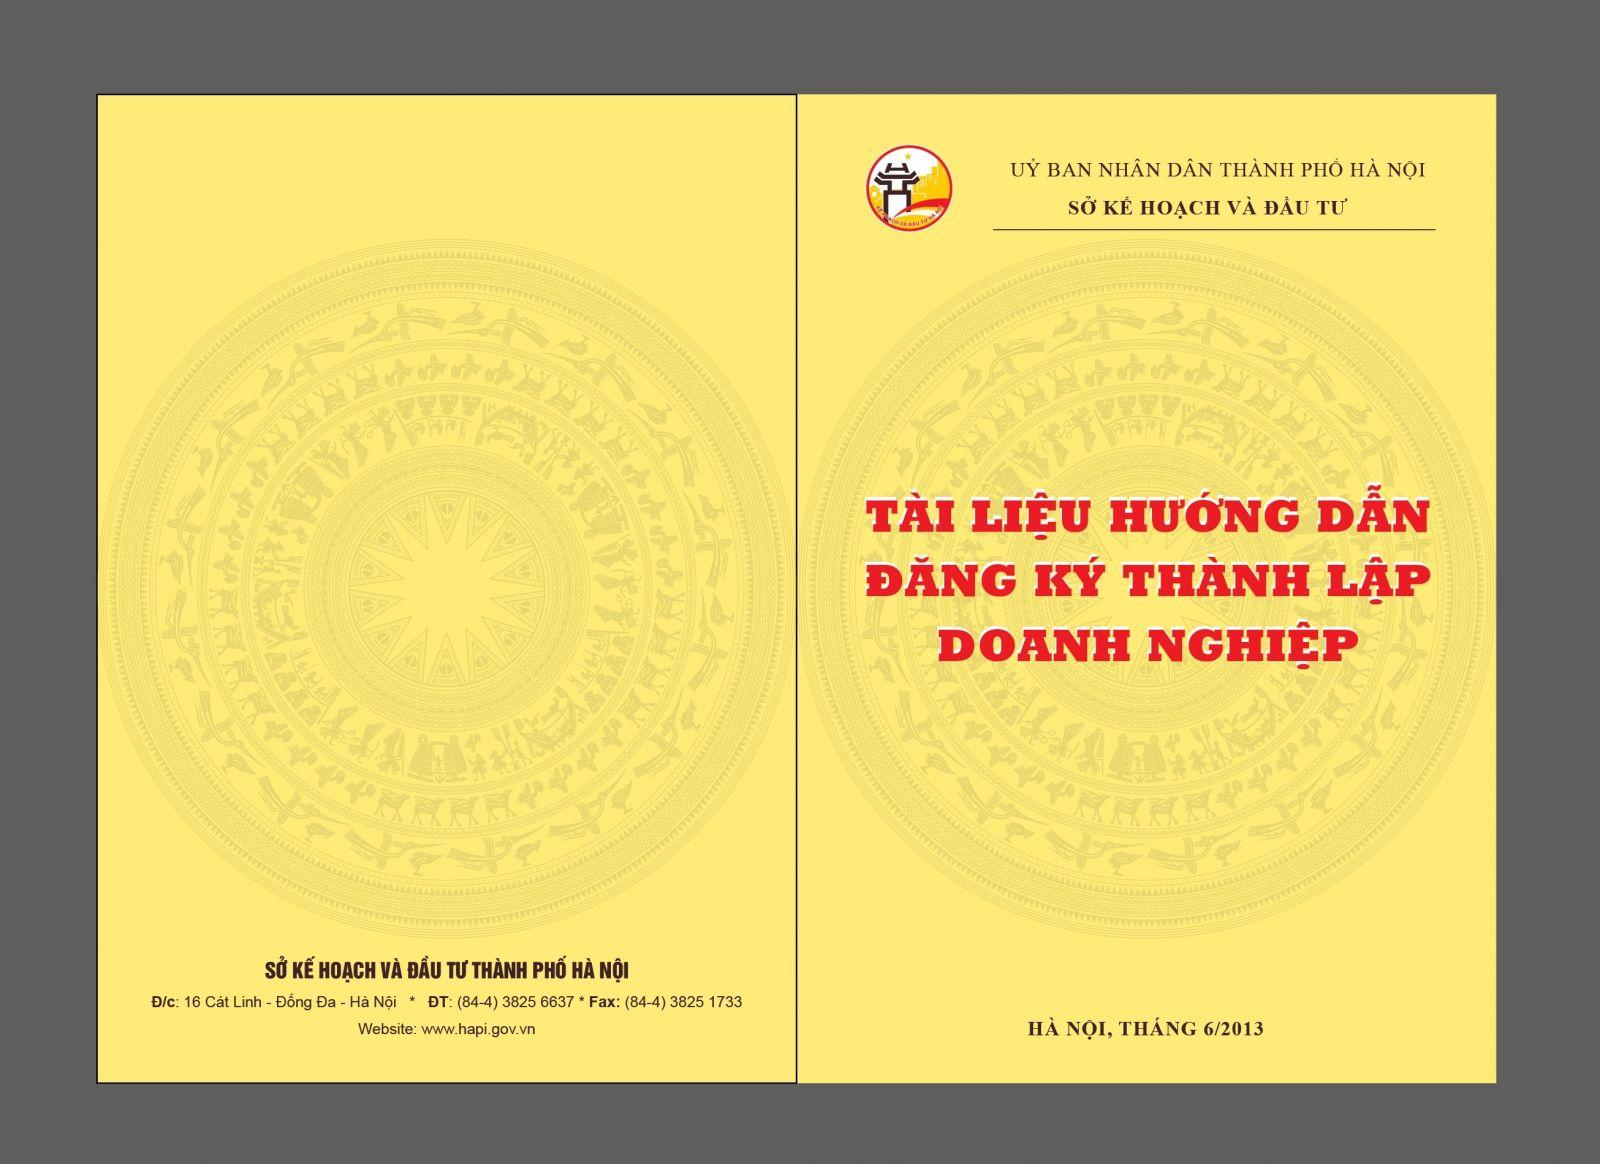 Thông tư 01/2013/TT-BKHĐT Hướng dẫn về đăng ký doanh nghiệp